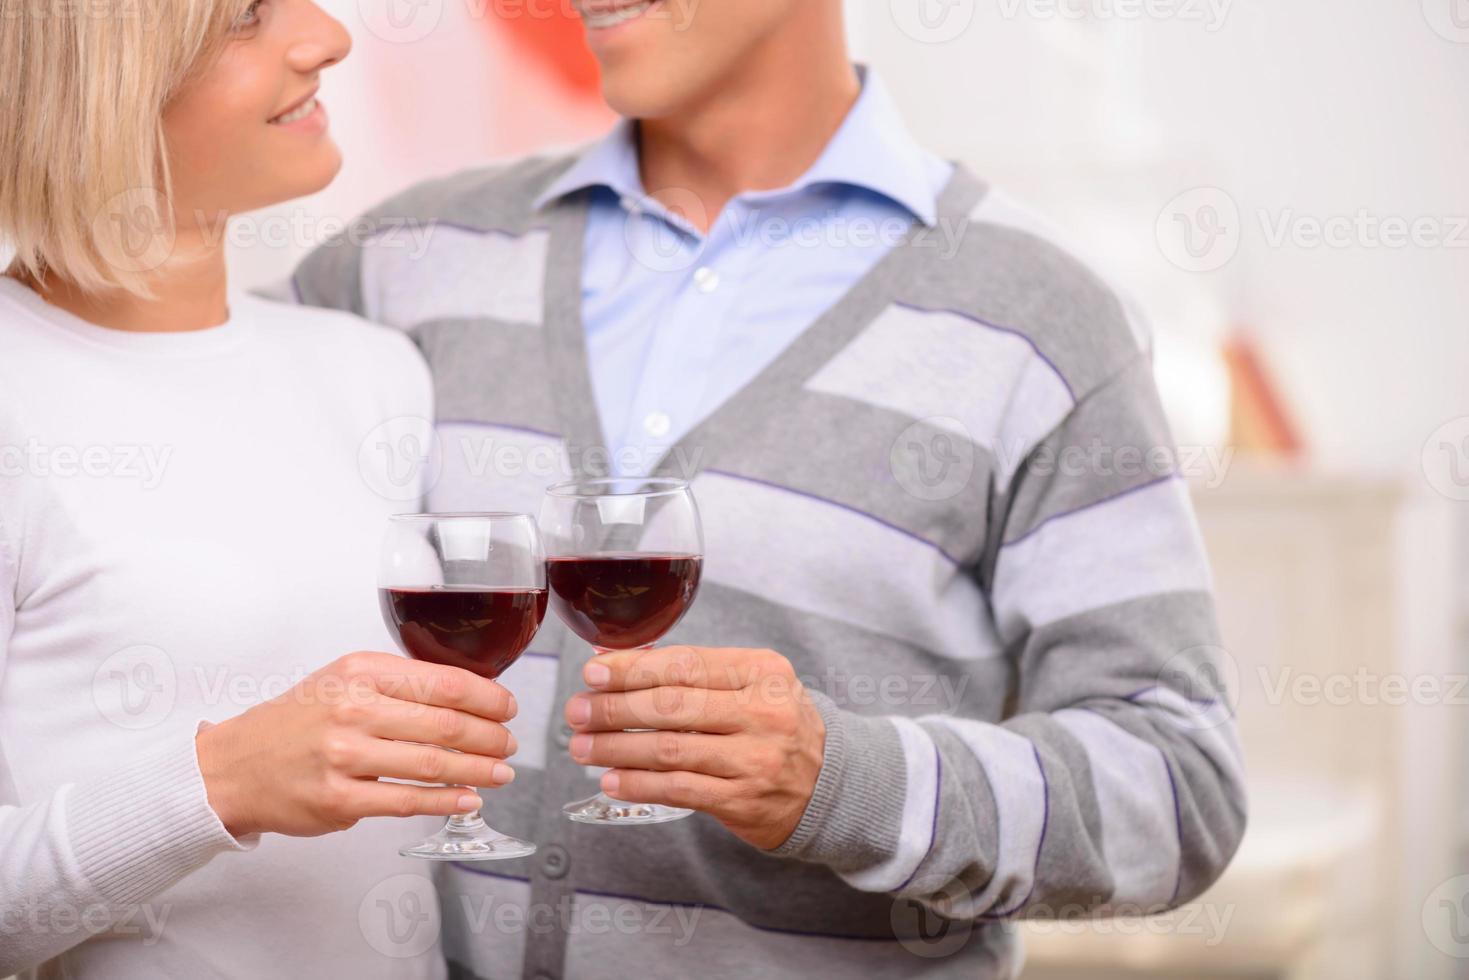 coppia piacevole che beve vino foto